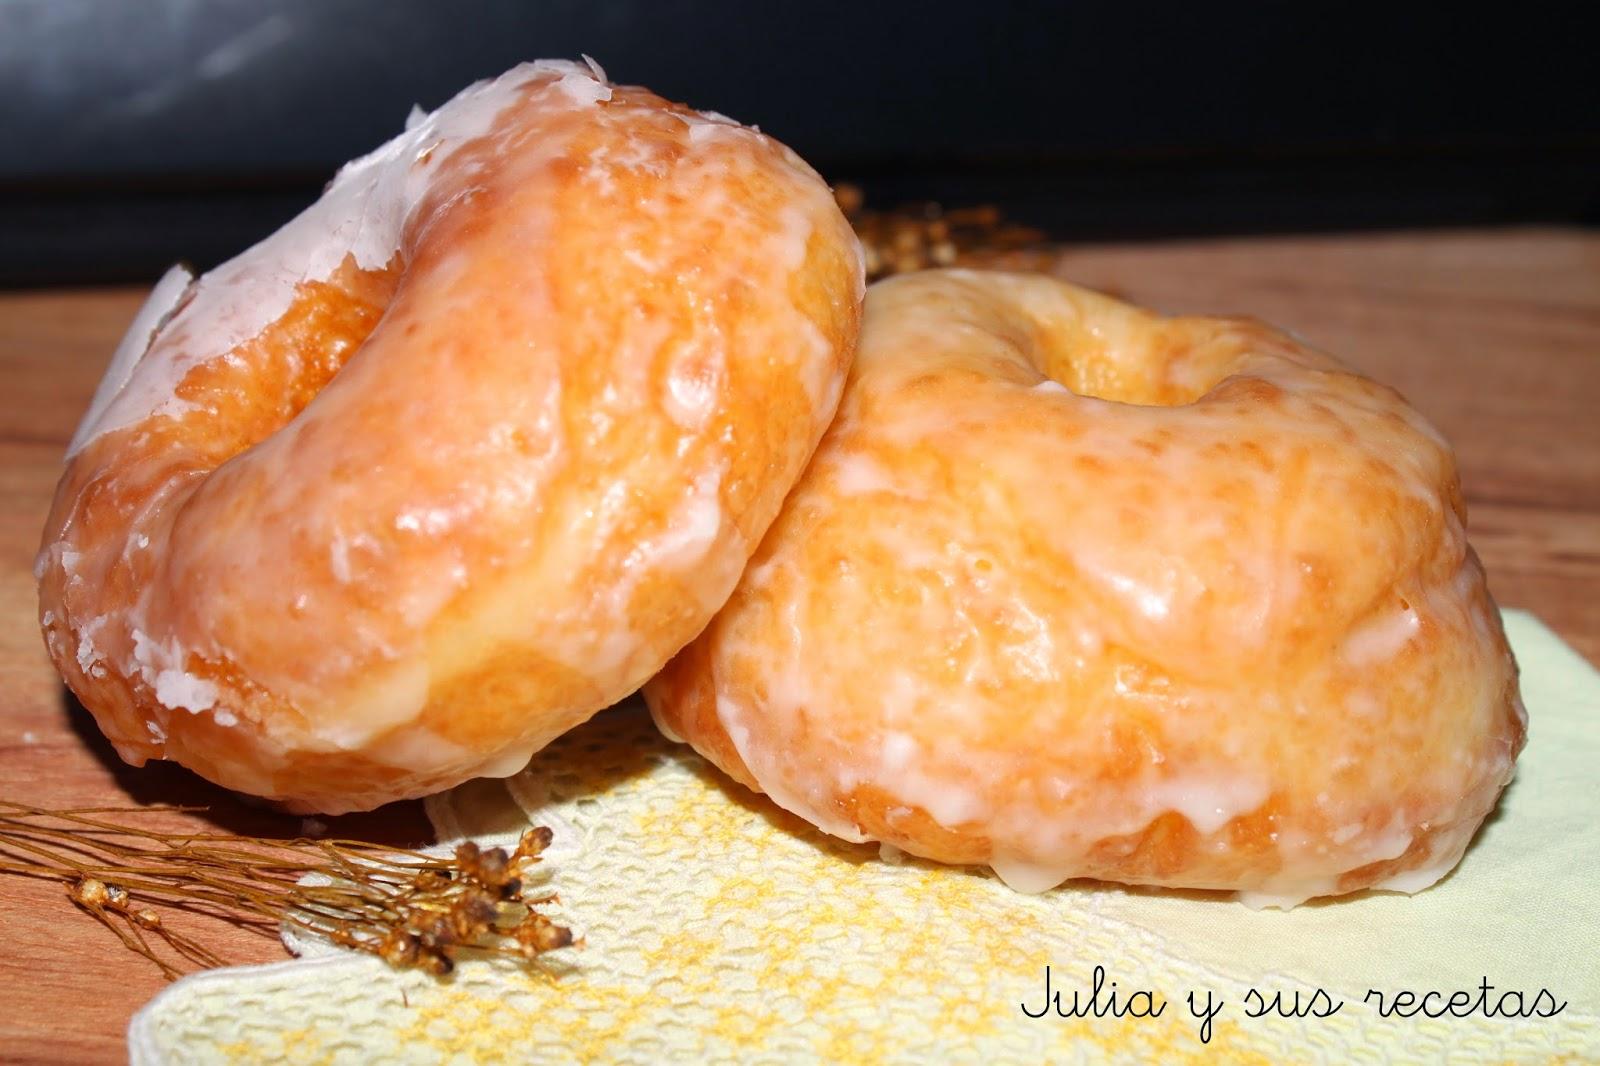 Donuts con glasa. Julia y sus recetas